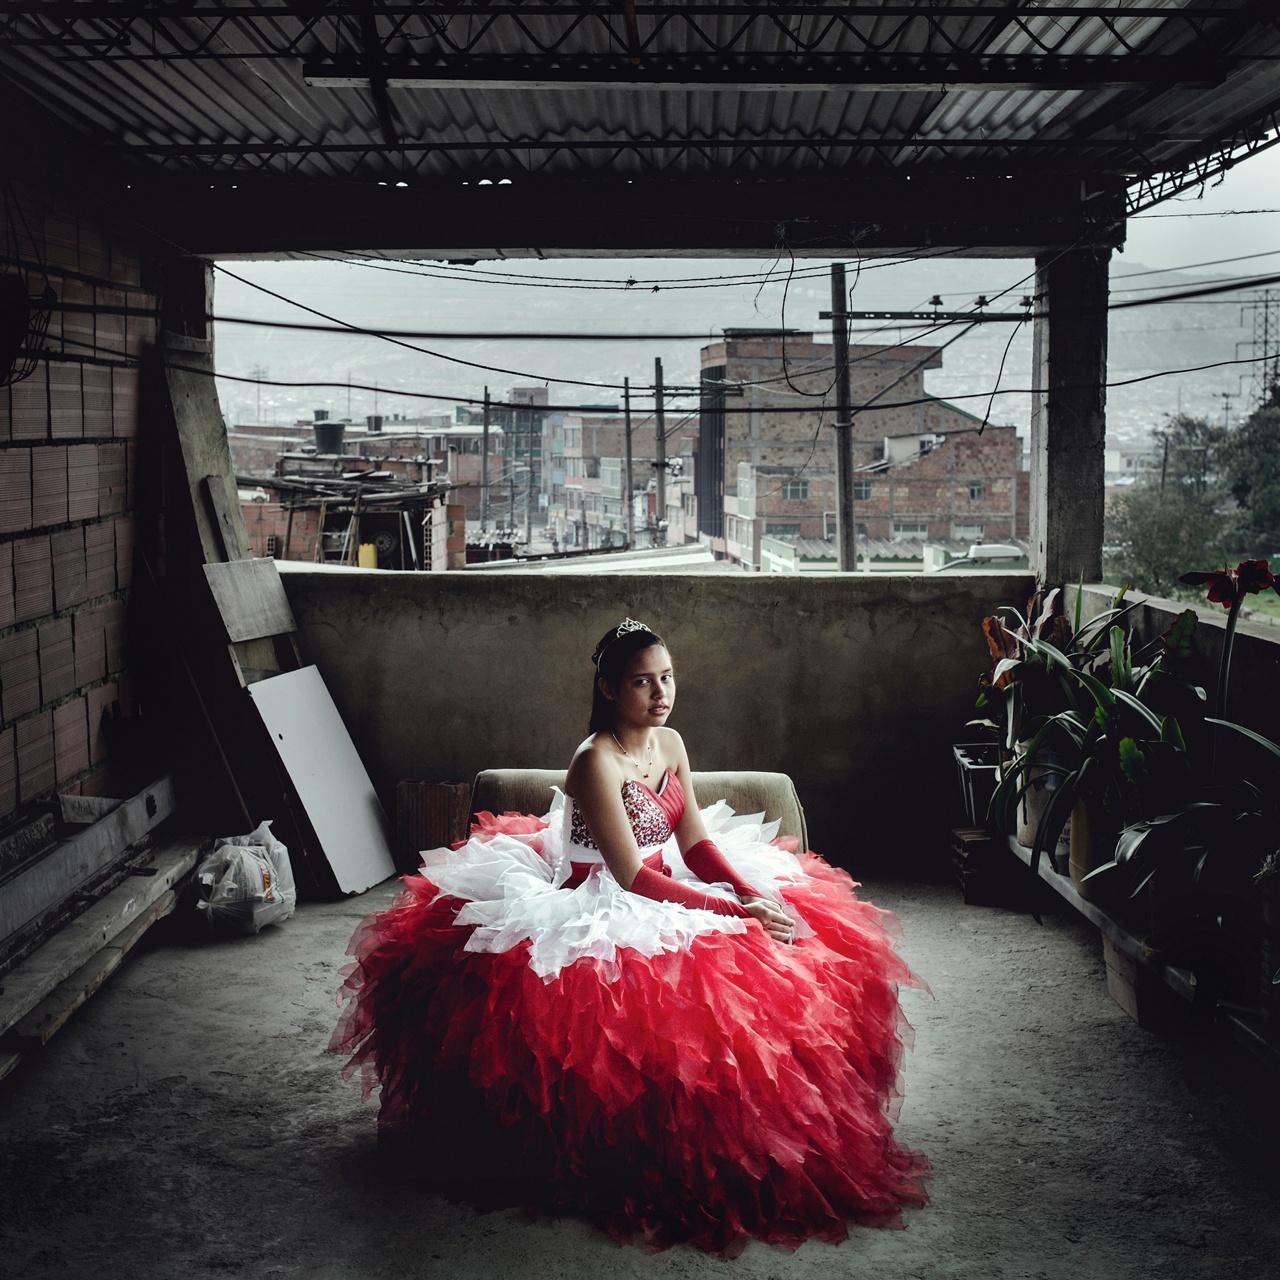 Laura Cristina Zarta in her quinceanera dress